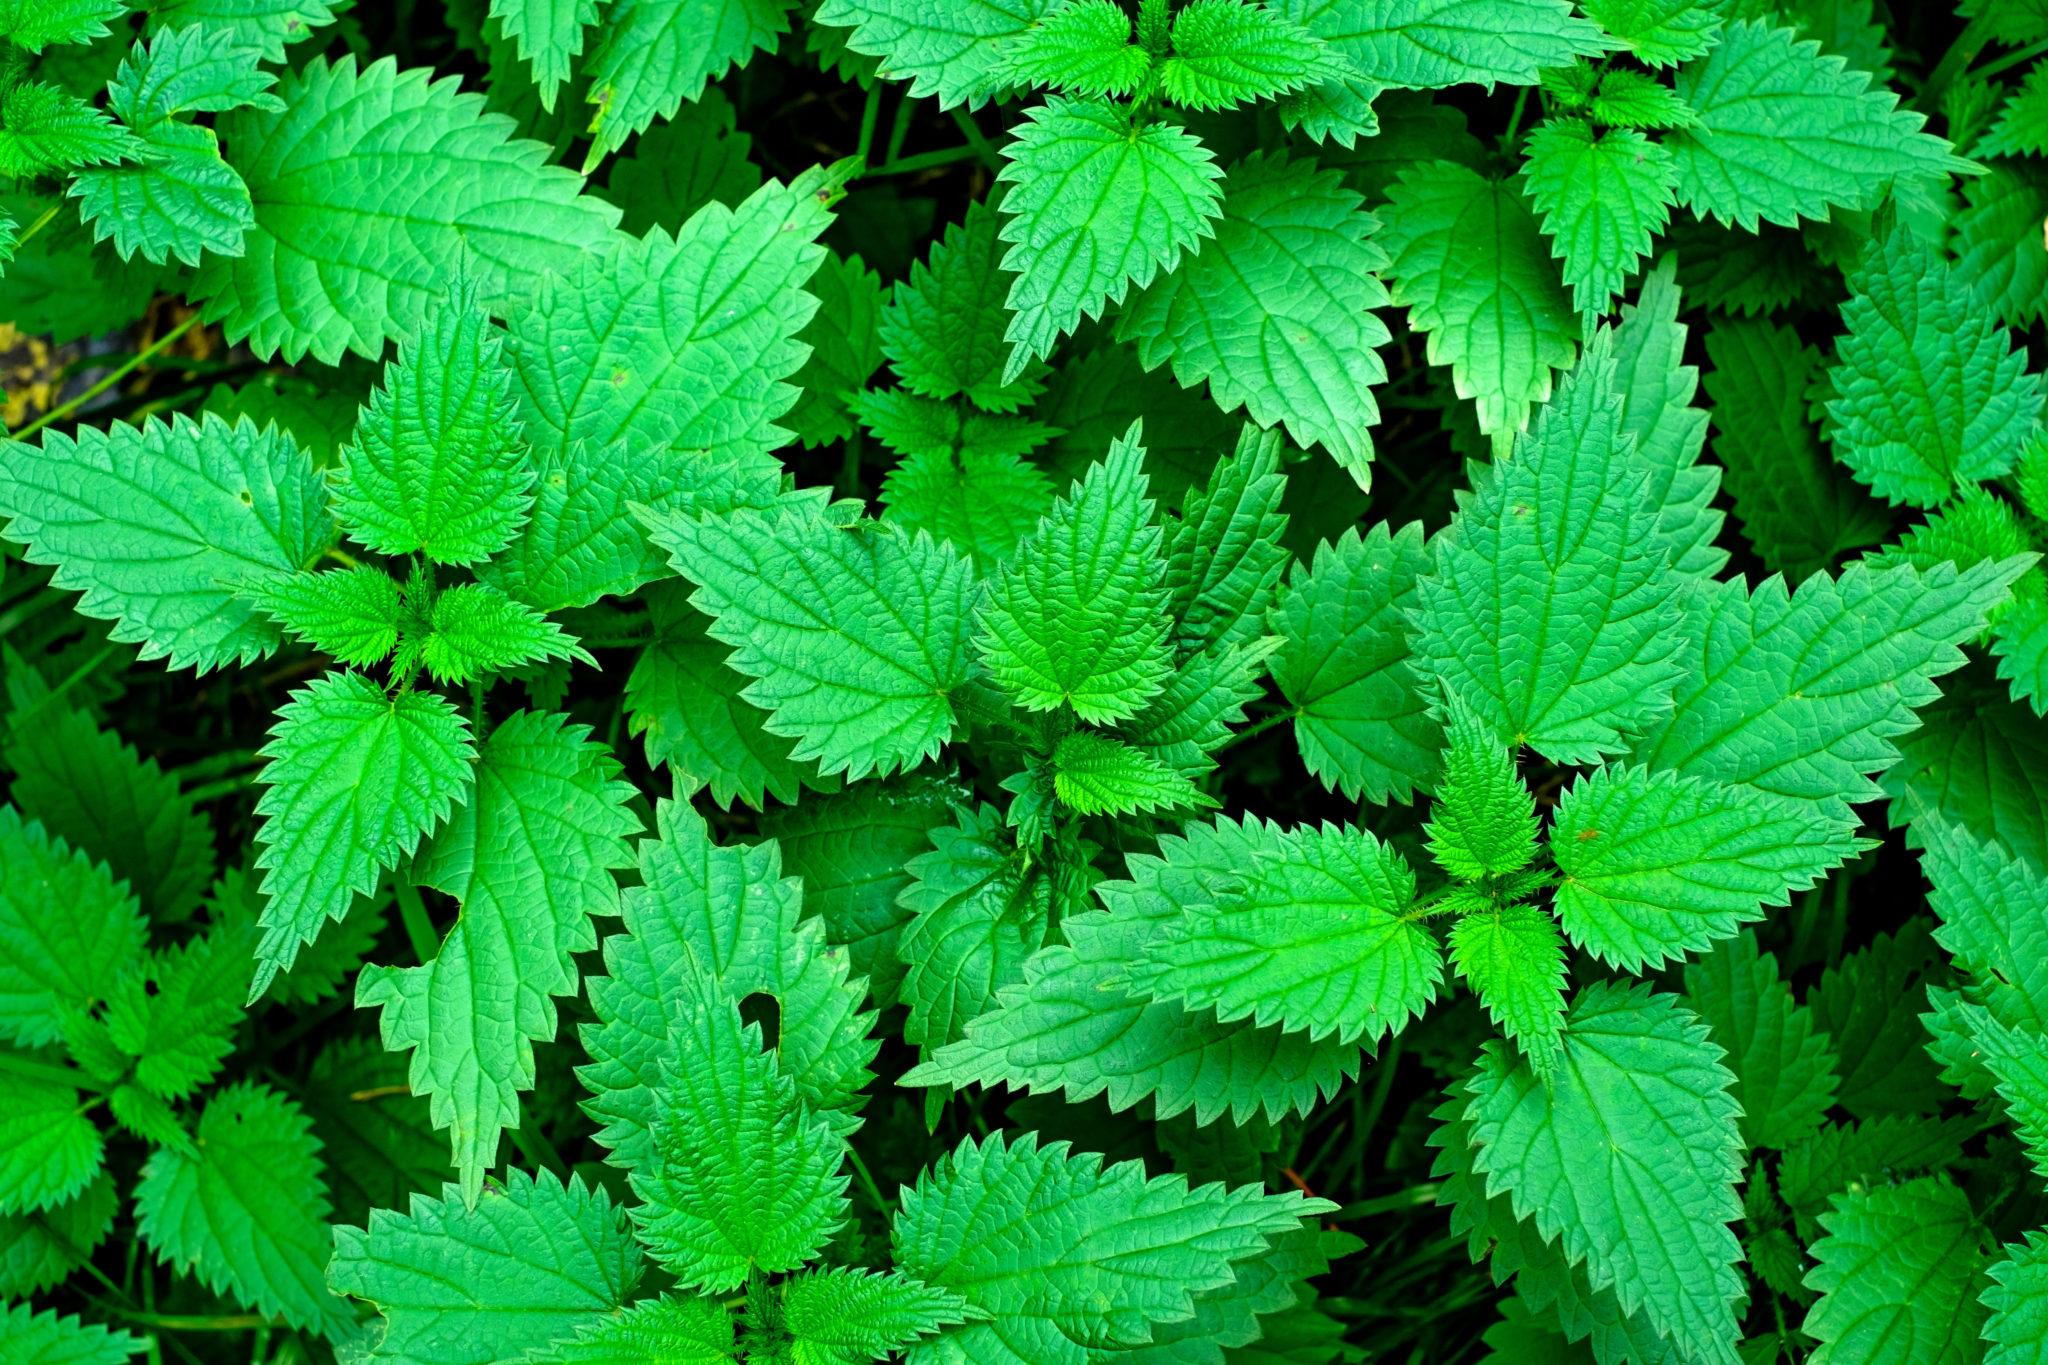 młode zielone pokrzywy